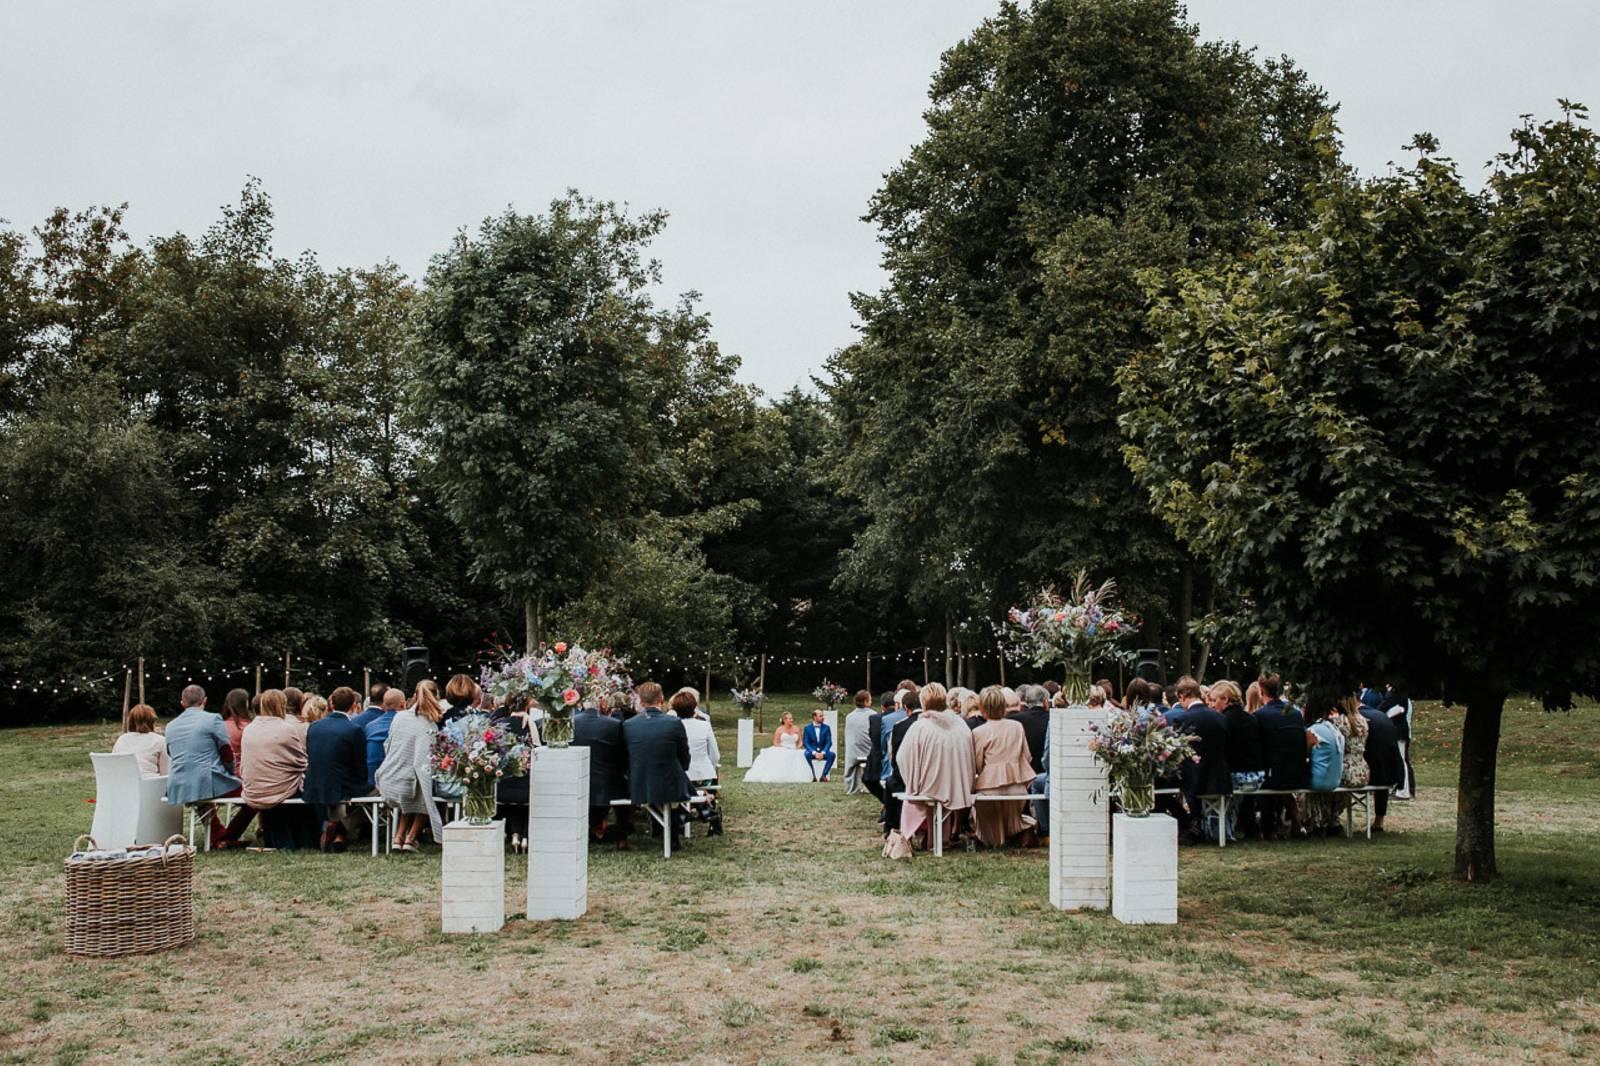 Elegant Events - Weddingplanner - Fotograaf Isenoud Fotografie - House of Weddings (5)